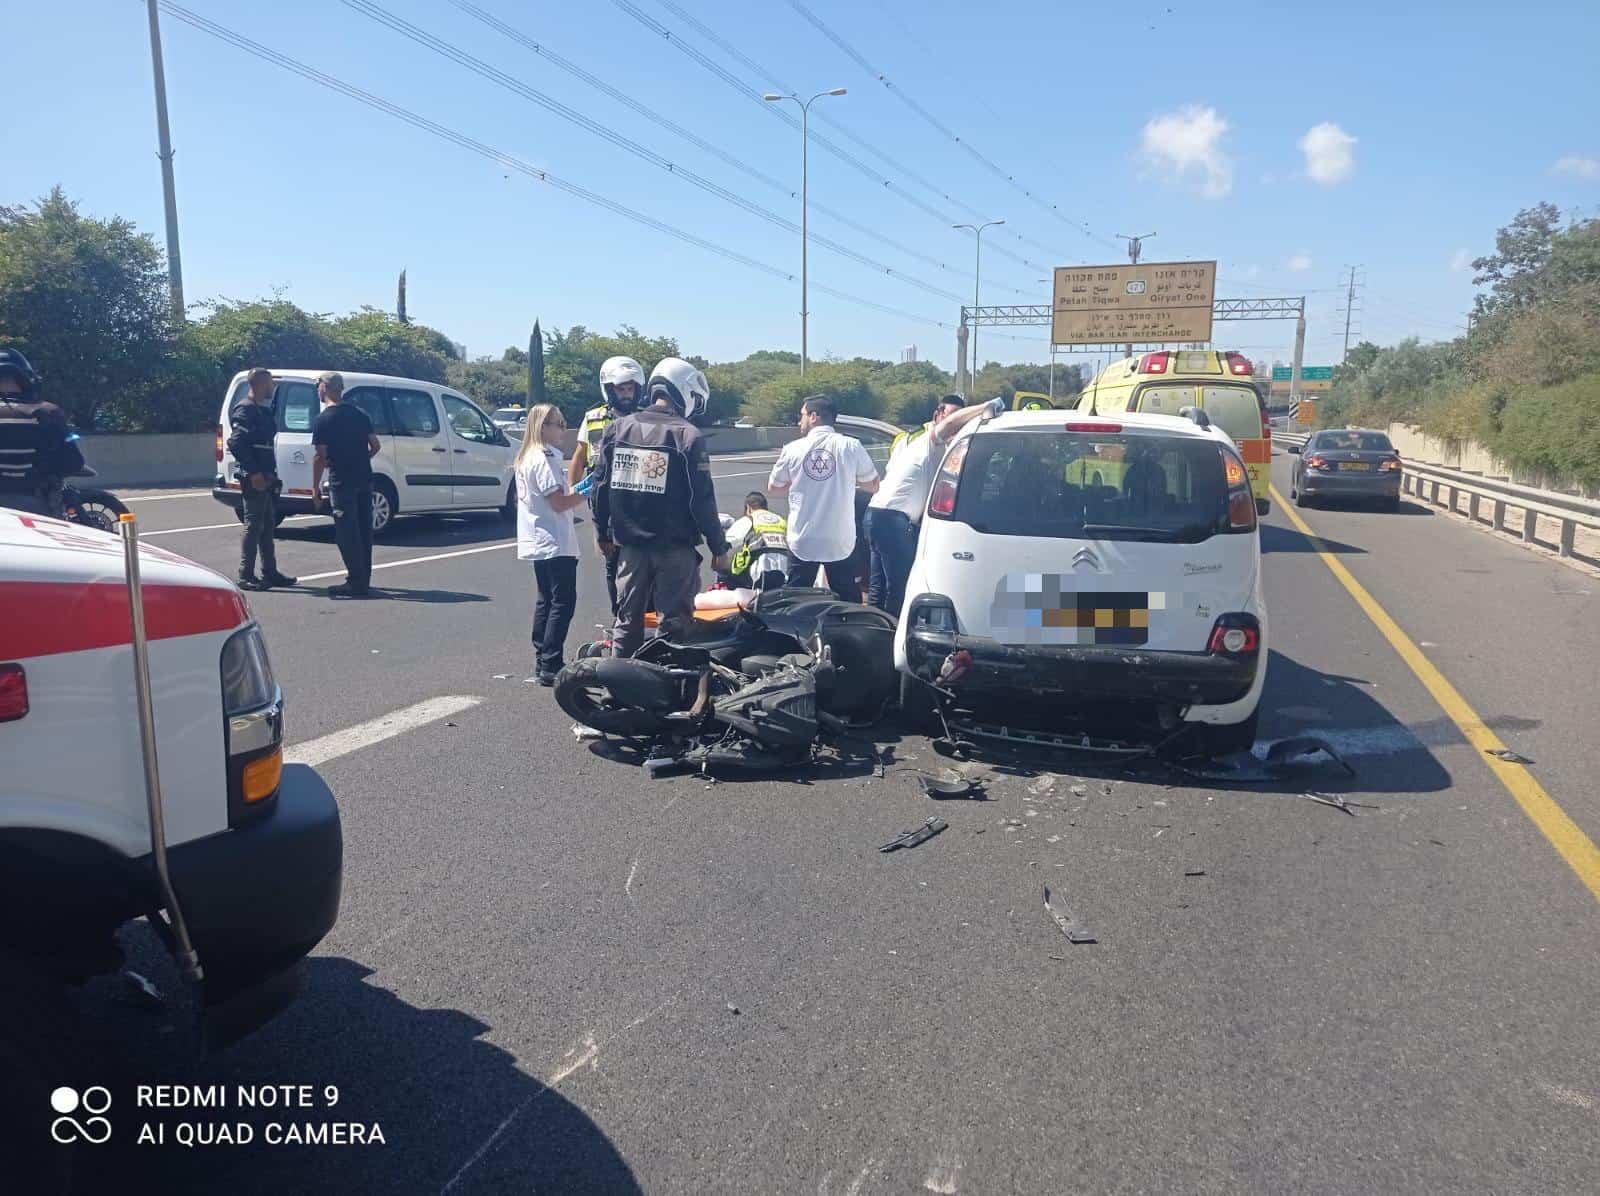 תאונת אופנוע -הרוכב נפצע בינוני ליד מחלף אלוף שדה. צילום דוברות איחוד הצלה